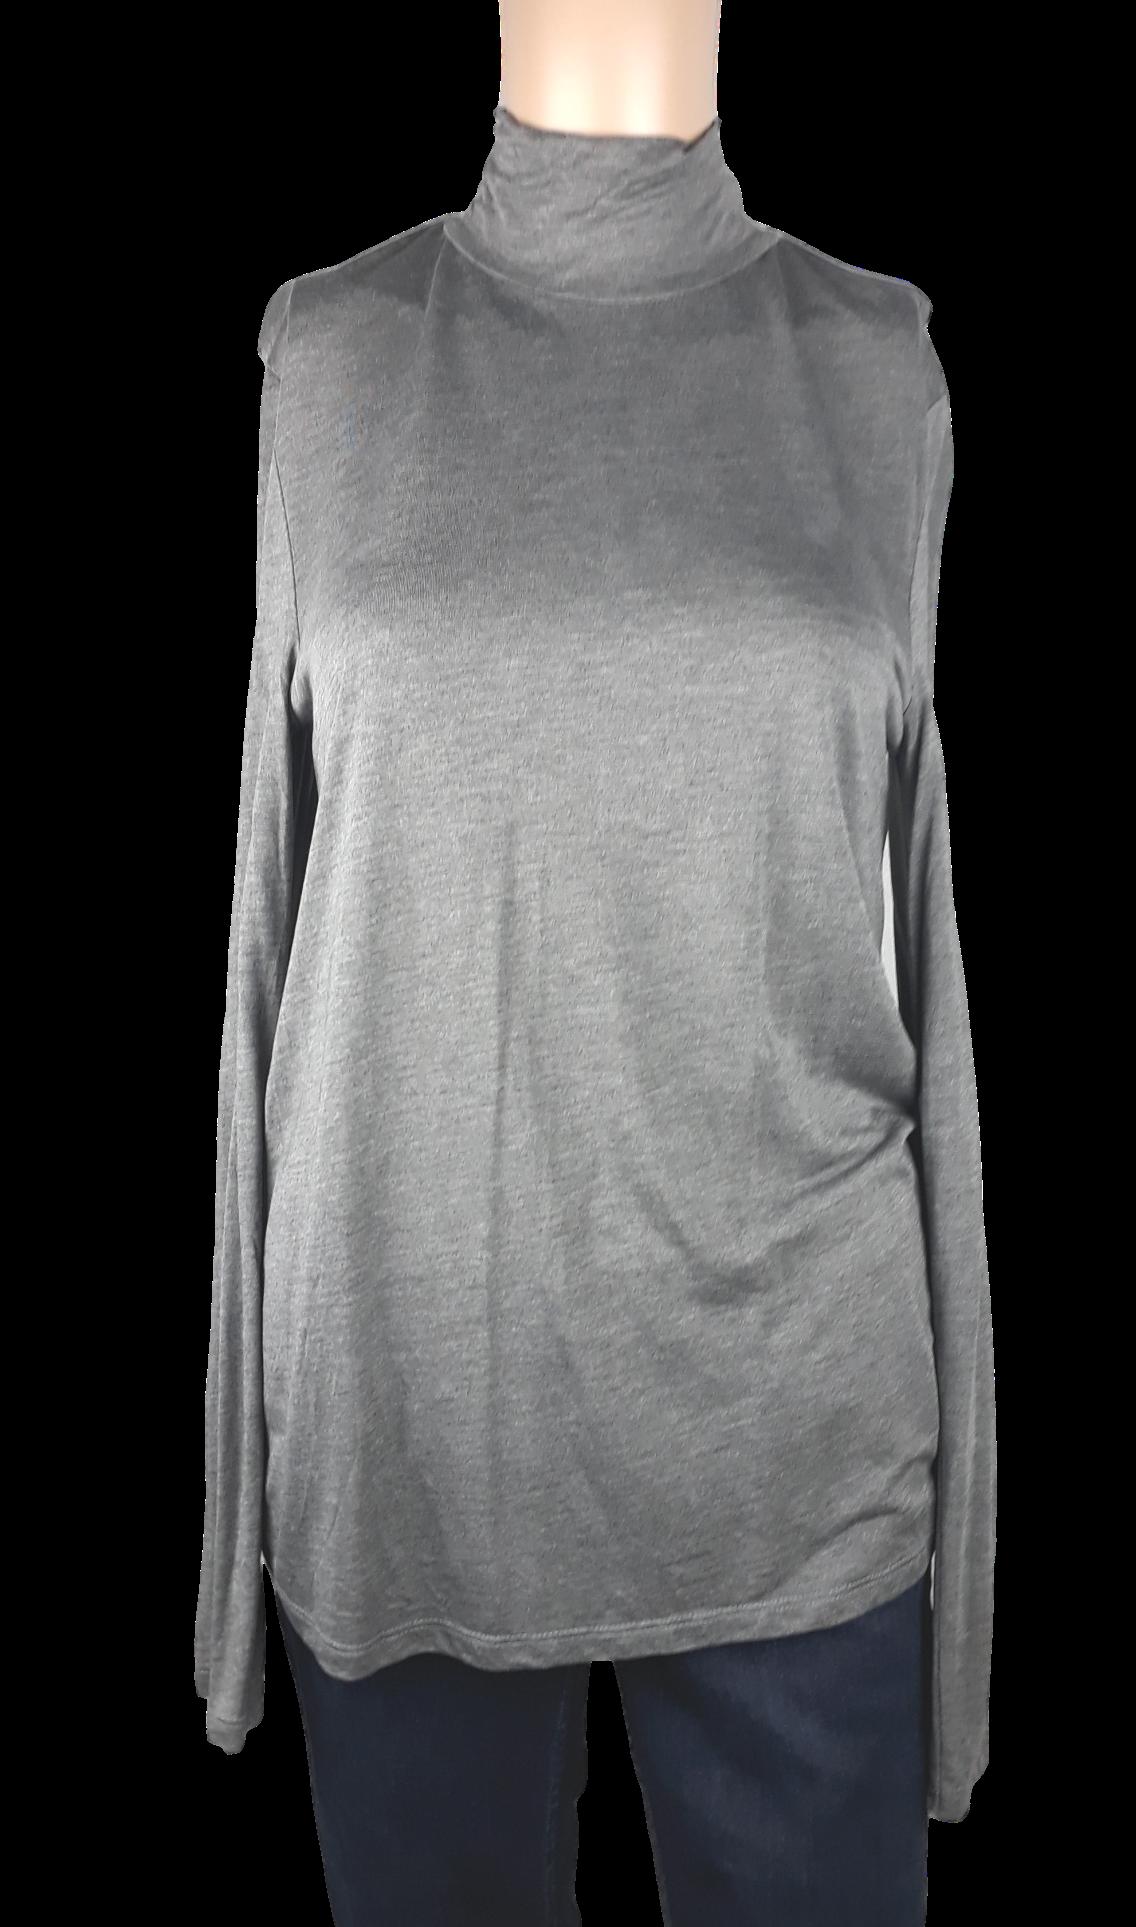 Zara- Taille L